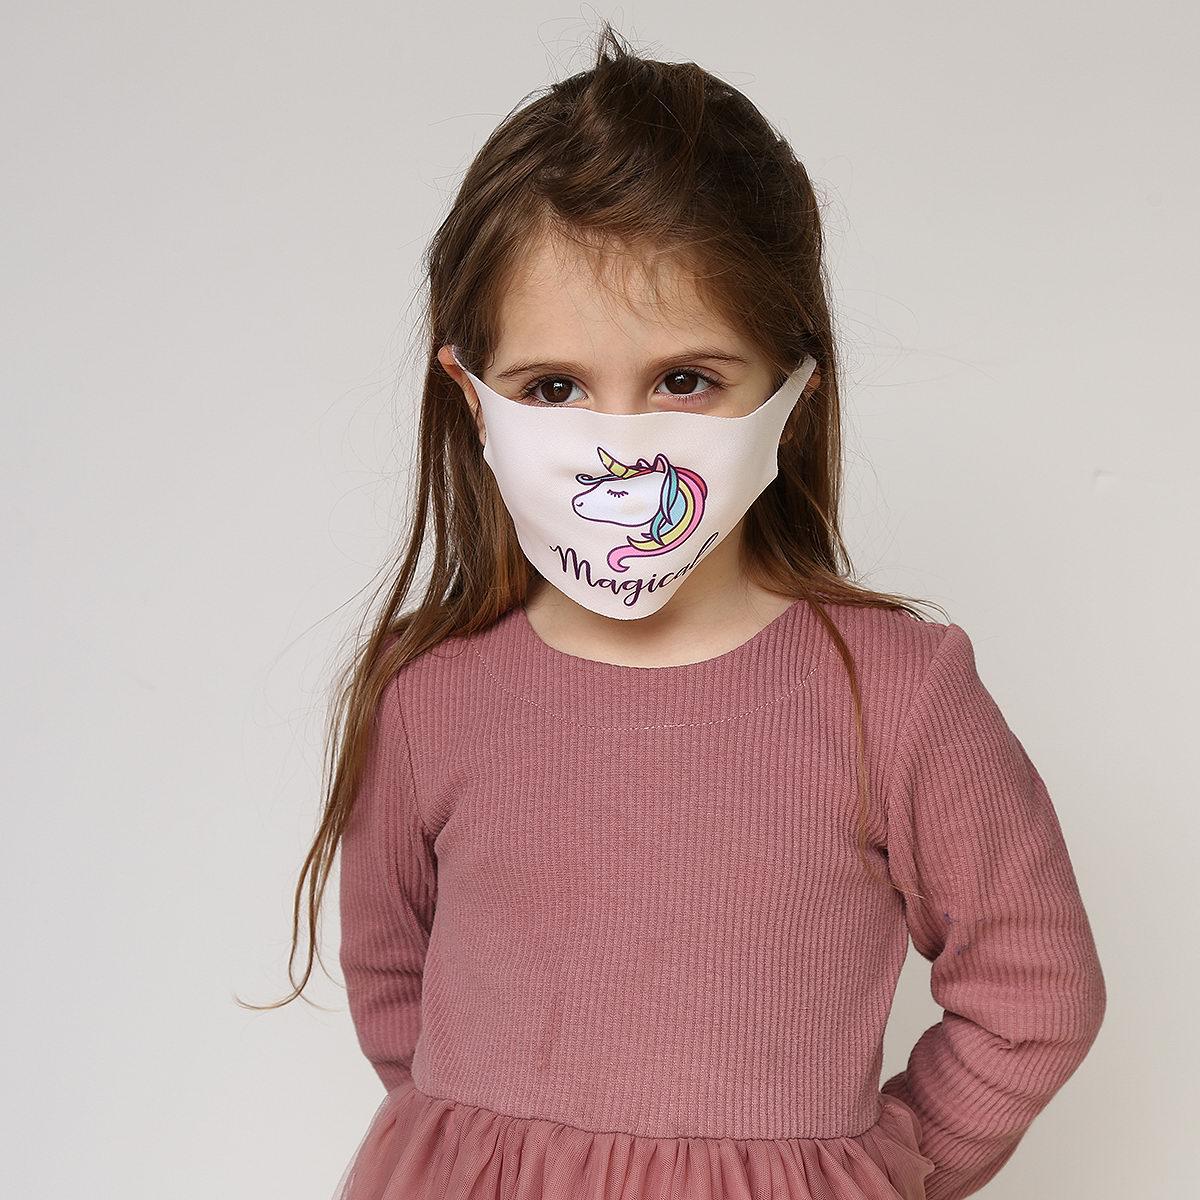 כיסוי פנים מאויר - מארז שלישייה לבנים